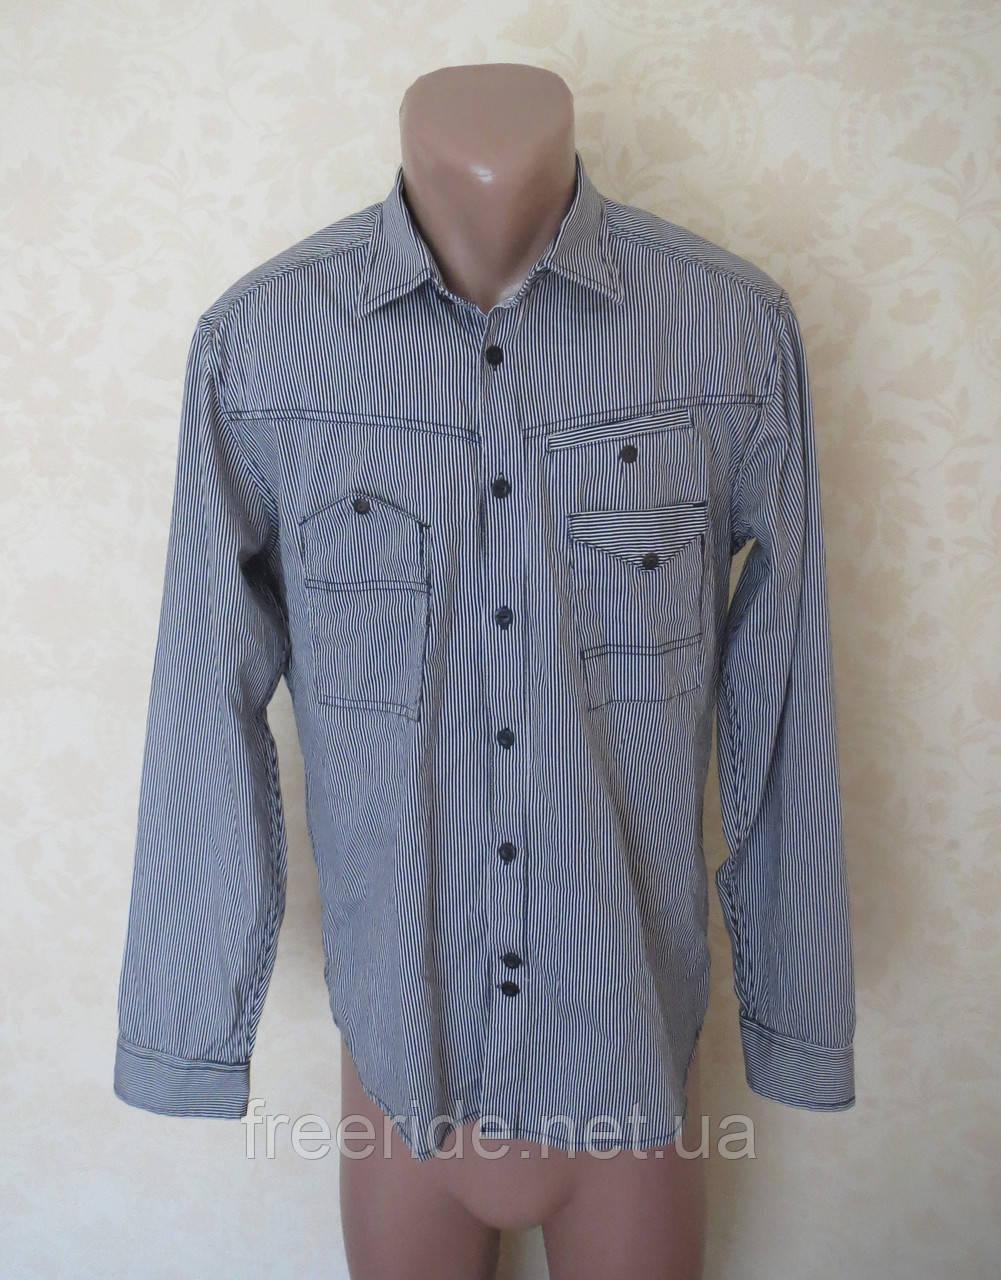 Фирменная стильная рубашка Jack & Jones (M)